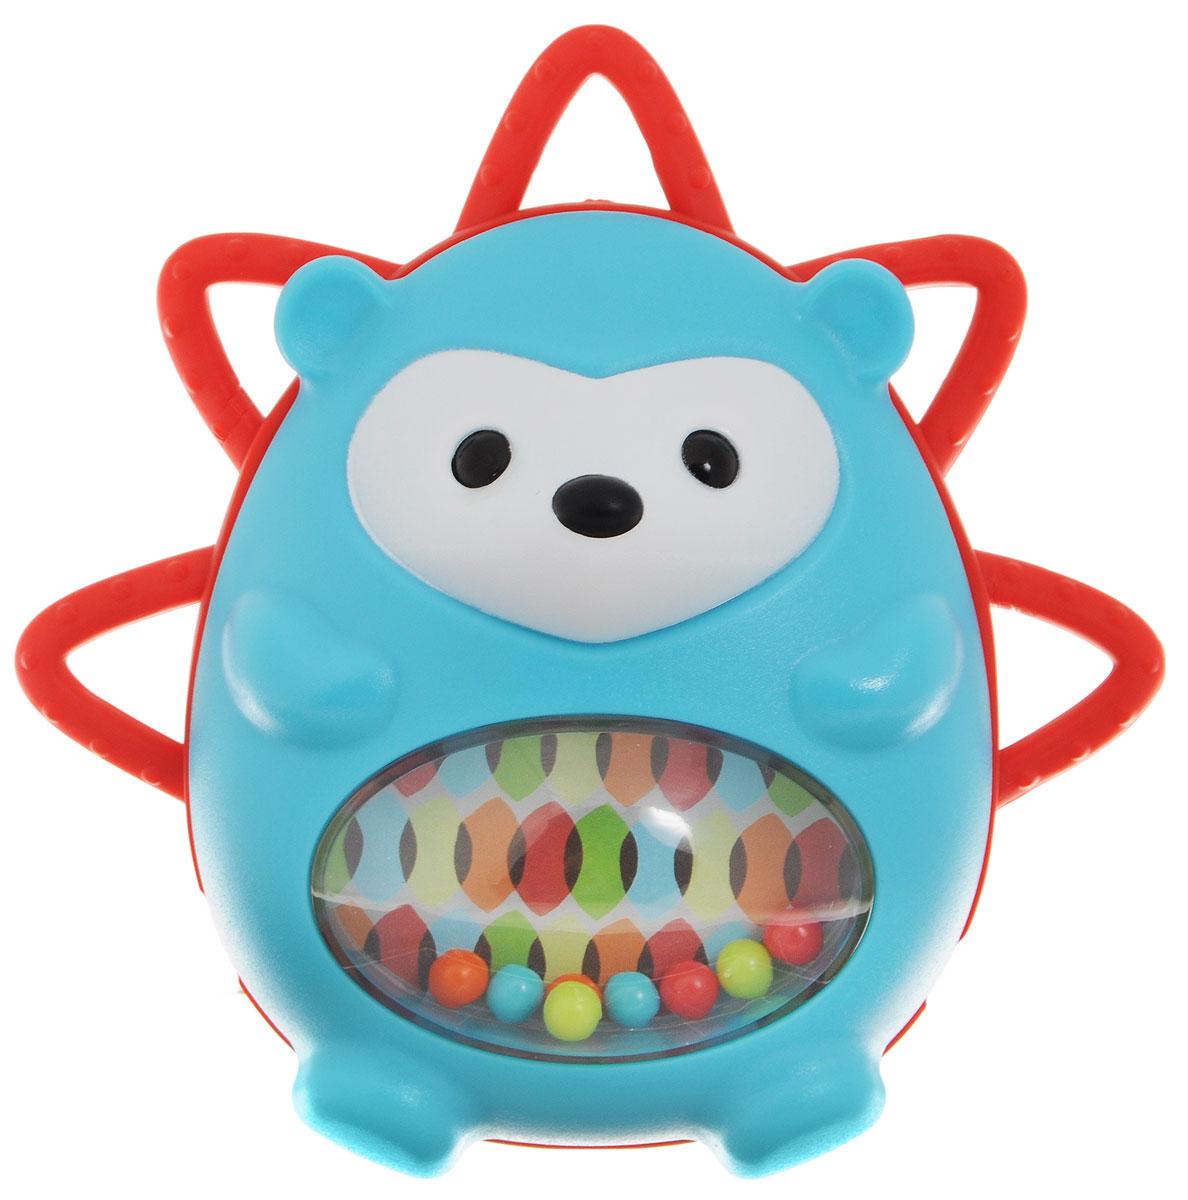 Skip Hop Развивающая игрушка-погремушка Ежик с сюрпризомSH 303150Развивающая игрушка-погремушка Skip Hop Ежик с сюрпризом выполнена из разнофактурных материалов в виде забавного ежика. В животе у ежика есть разноцветные шарики, которые весело гремят при встряхивании игрушки. Кроме того, лицевая сторона игрушки поворачивается относительно основания, открывая спрятанное безопасное зеркальце. Развивающая игрушка-погремушка Skip Hop Ежик с сюрпризом поможет малышу в развитии цветового и звукового восприятия, мелкой моторики рук, тактильных ощущений, координации движений, когнитивных навыков. Не содержит бисфенол А, поливинилхлорид и фталаты.